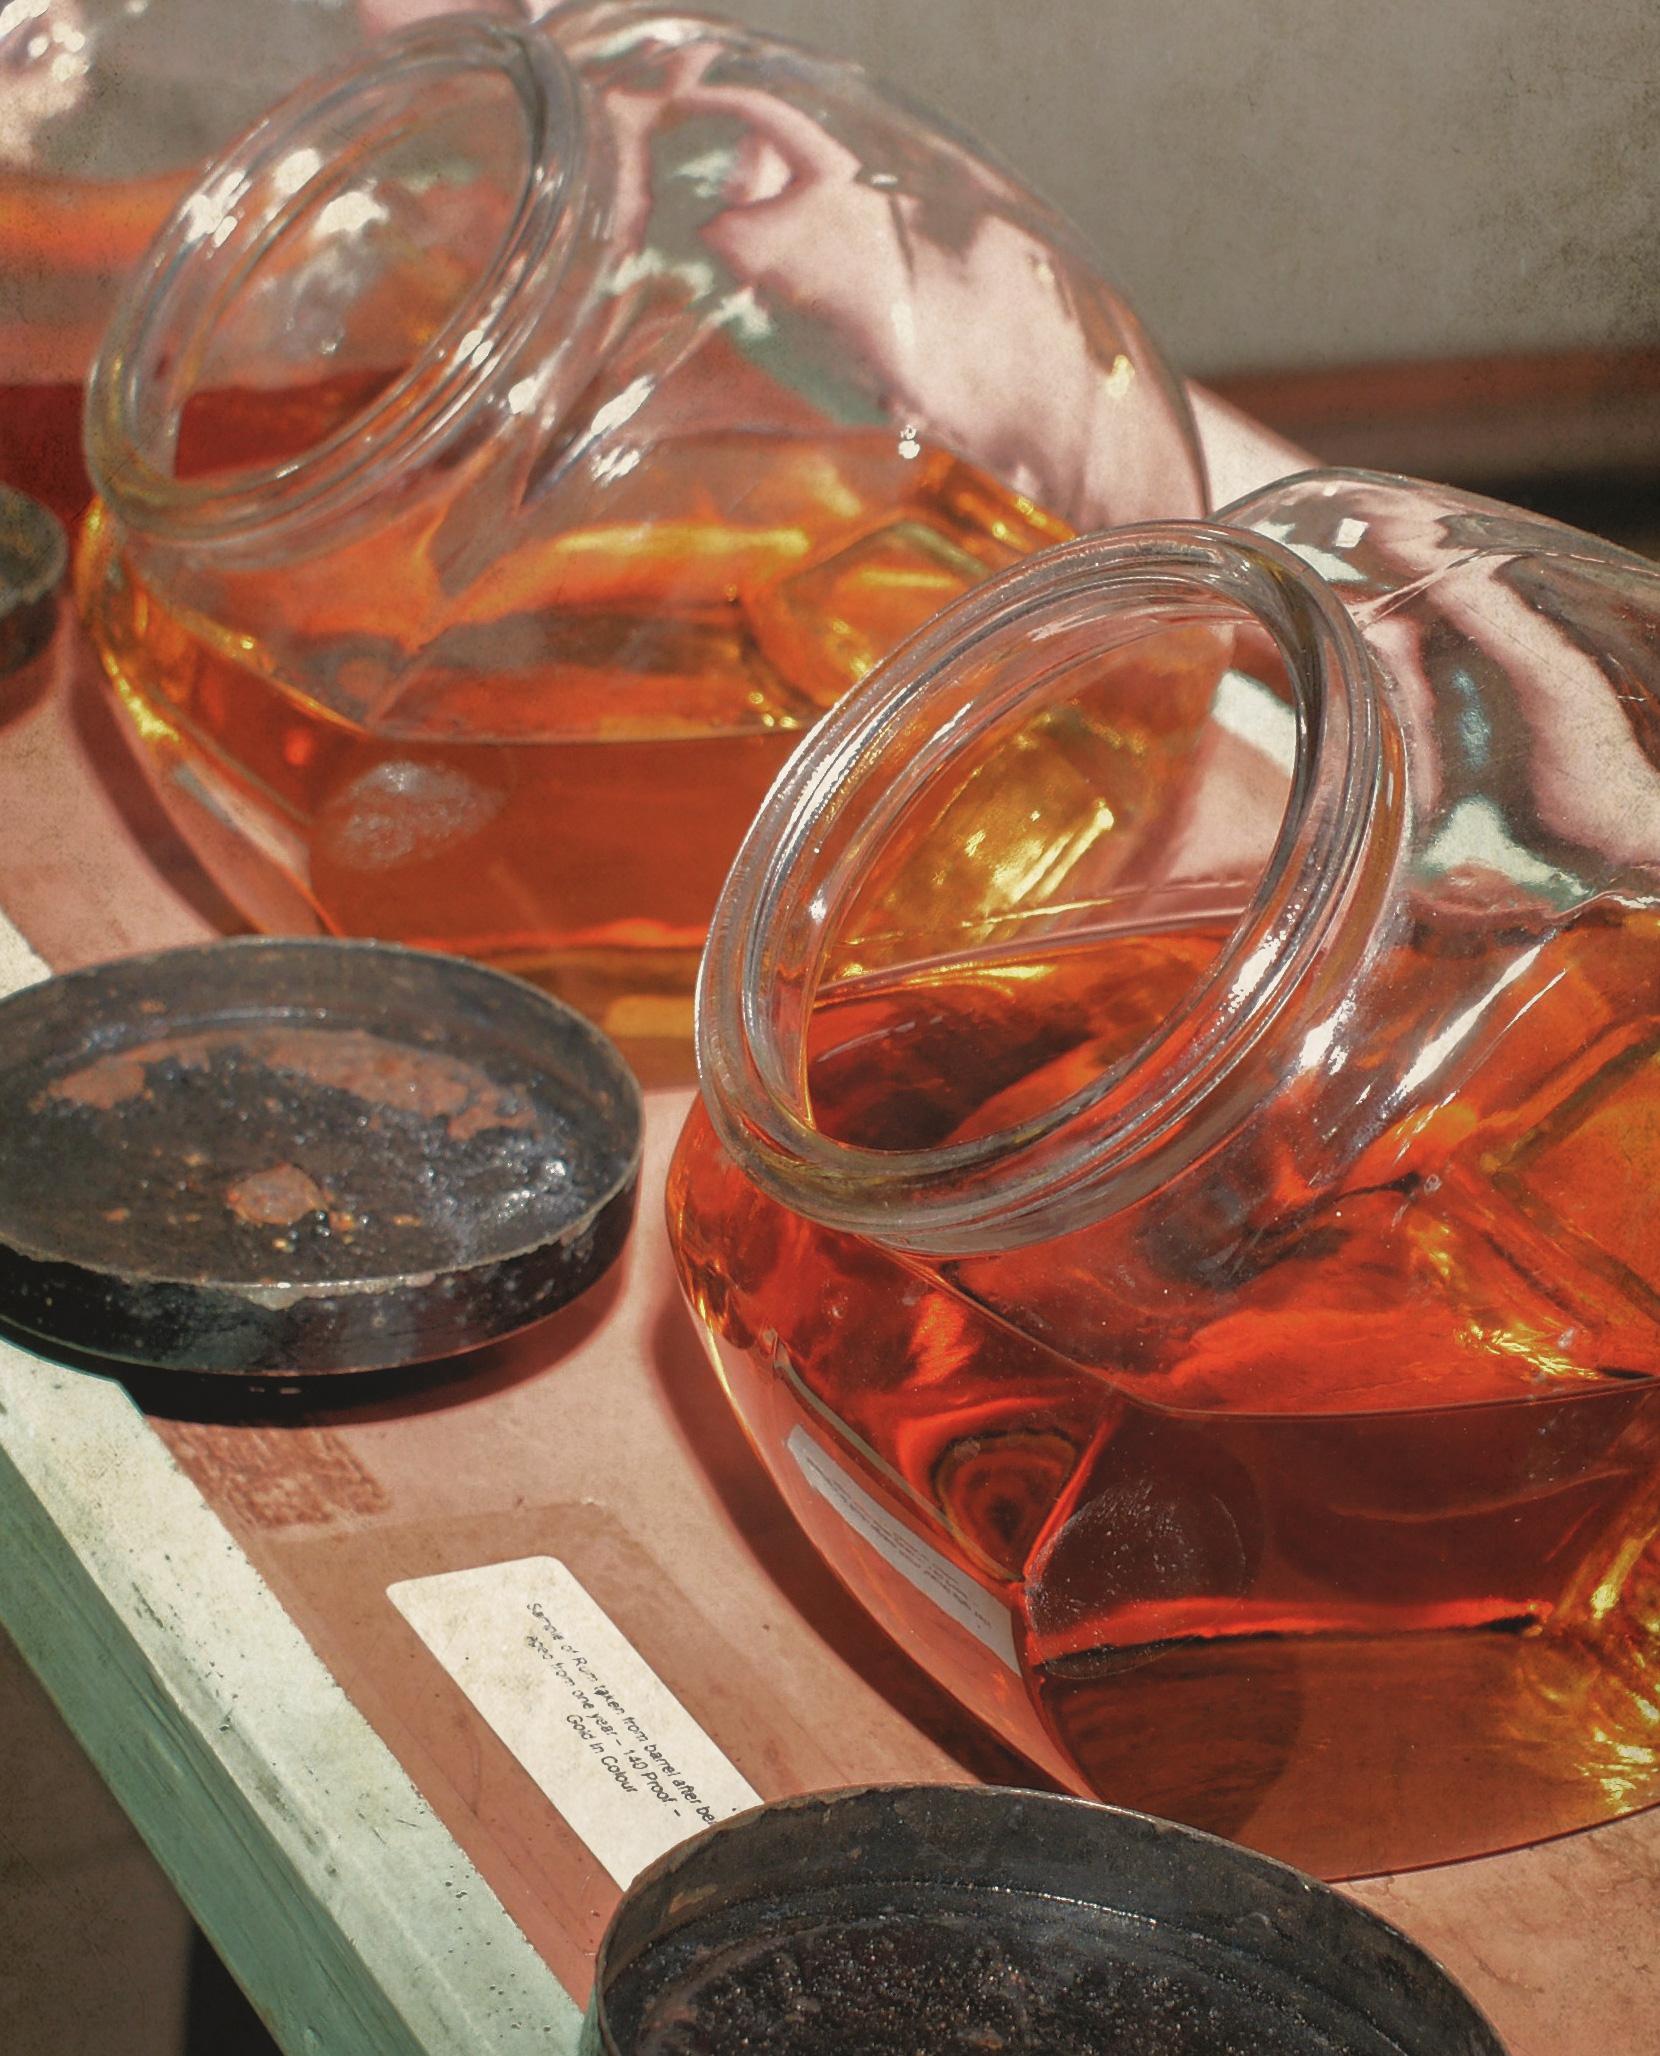 rum-photo.jpg